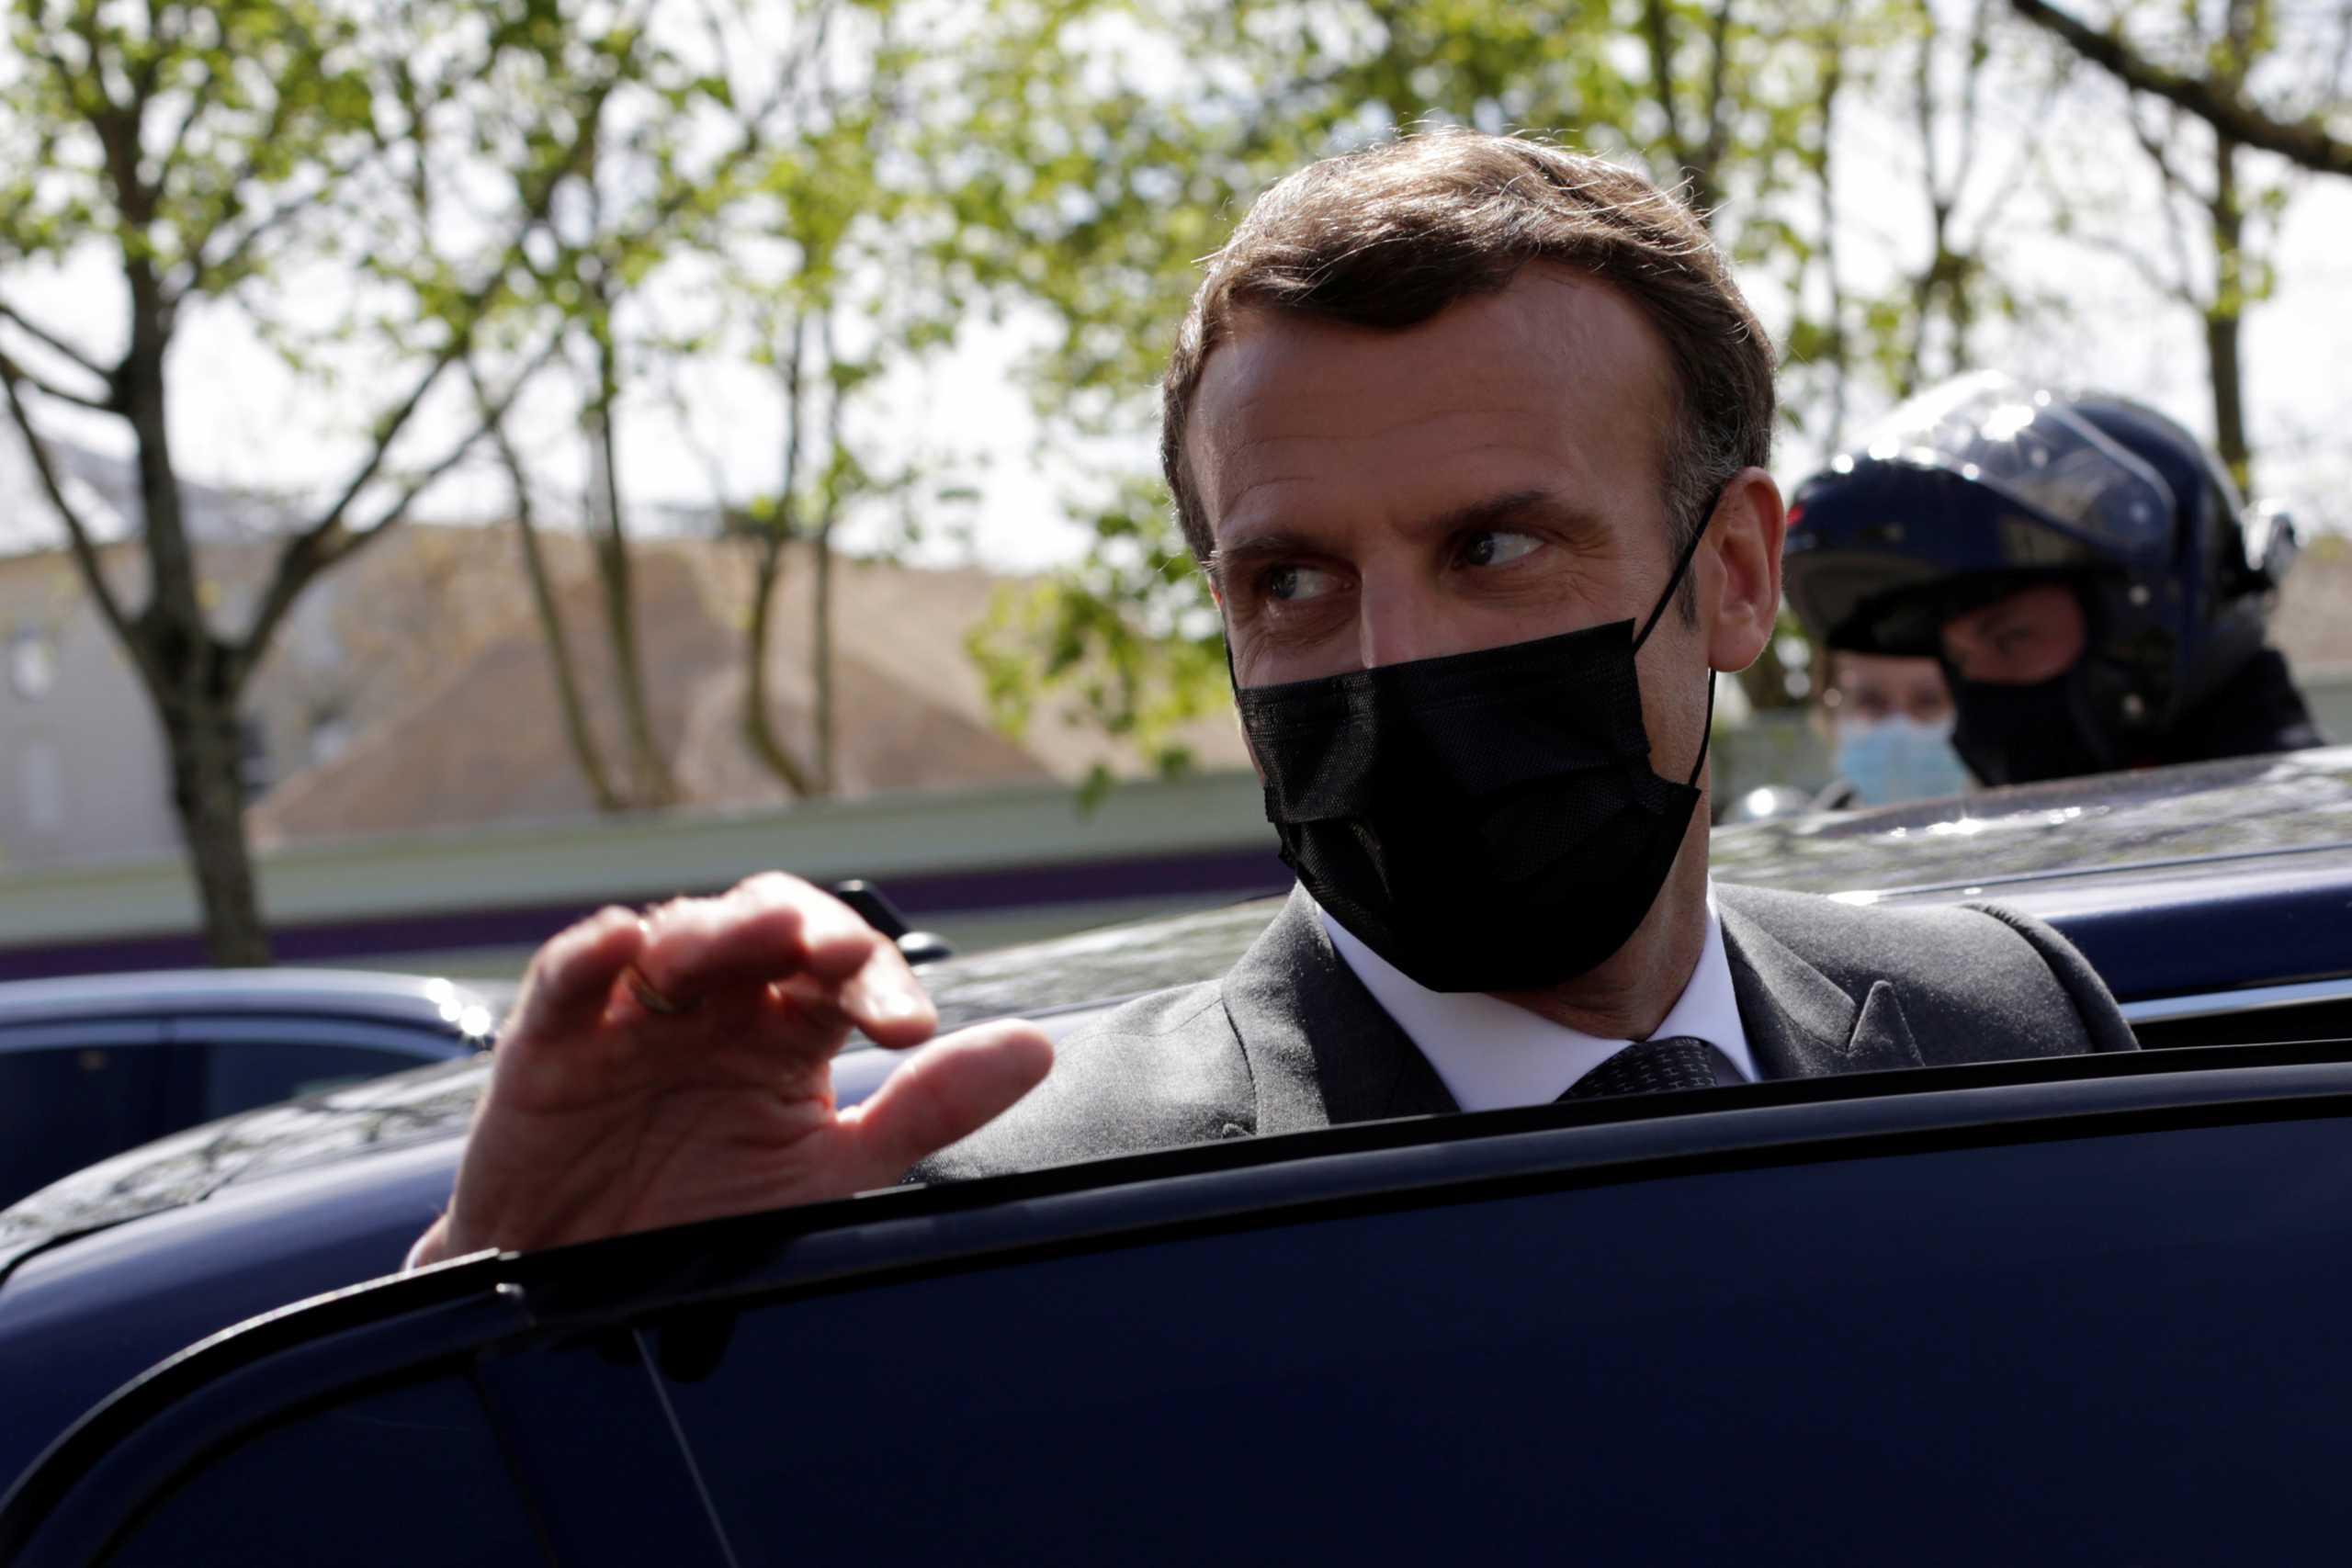 Γαλλία: Ξαναλειτουργούν καταστήματα, πολιτισμός, ανοιχτά μπαρ και εστιατόρια από τις 19 Μαΐου